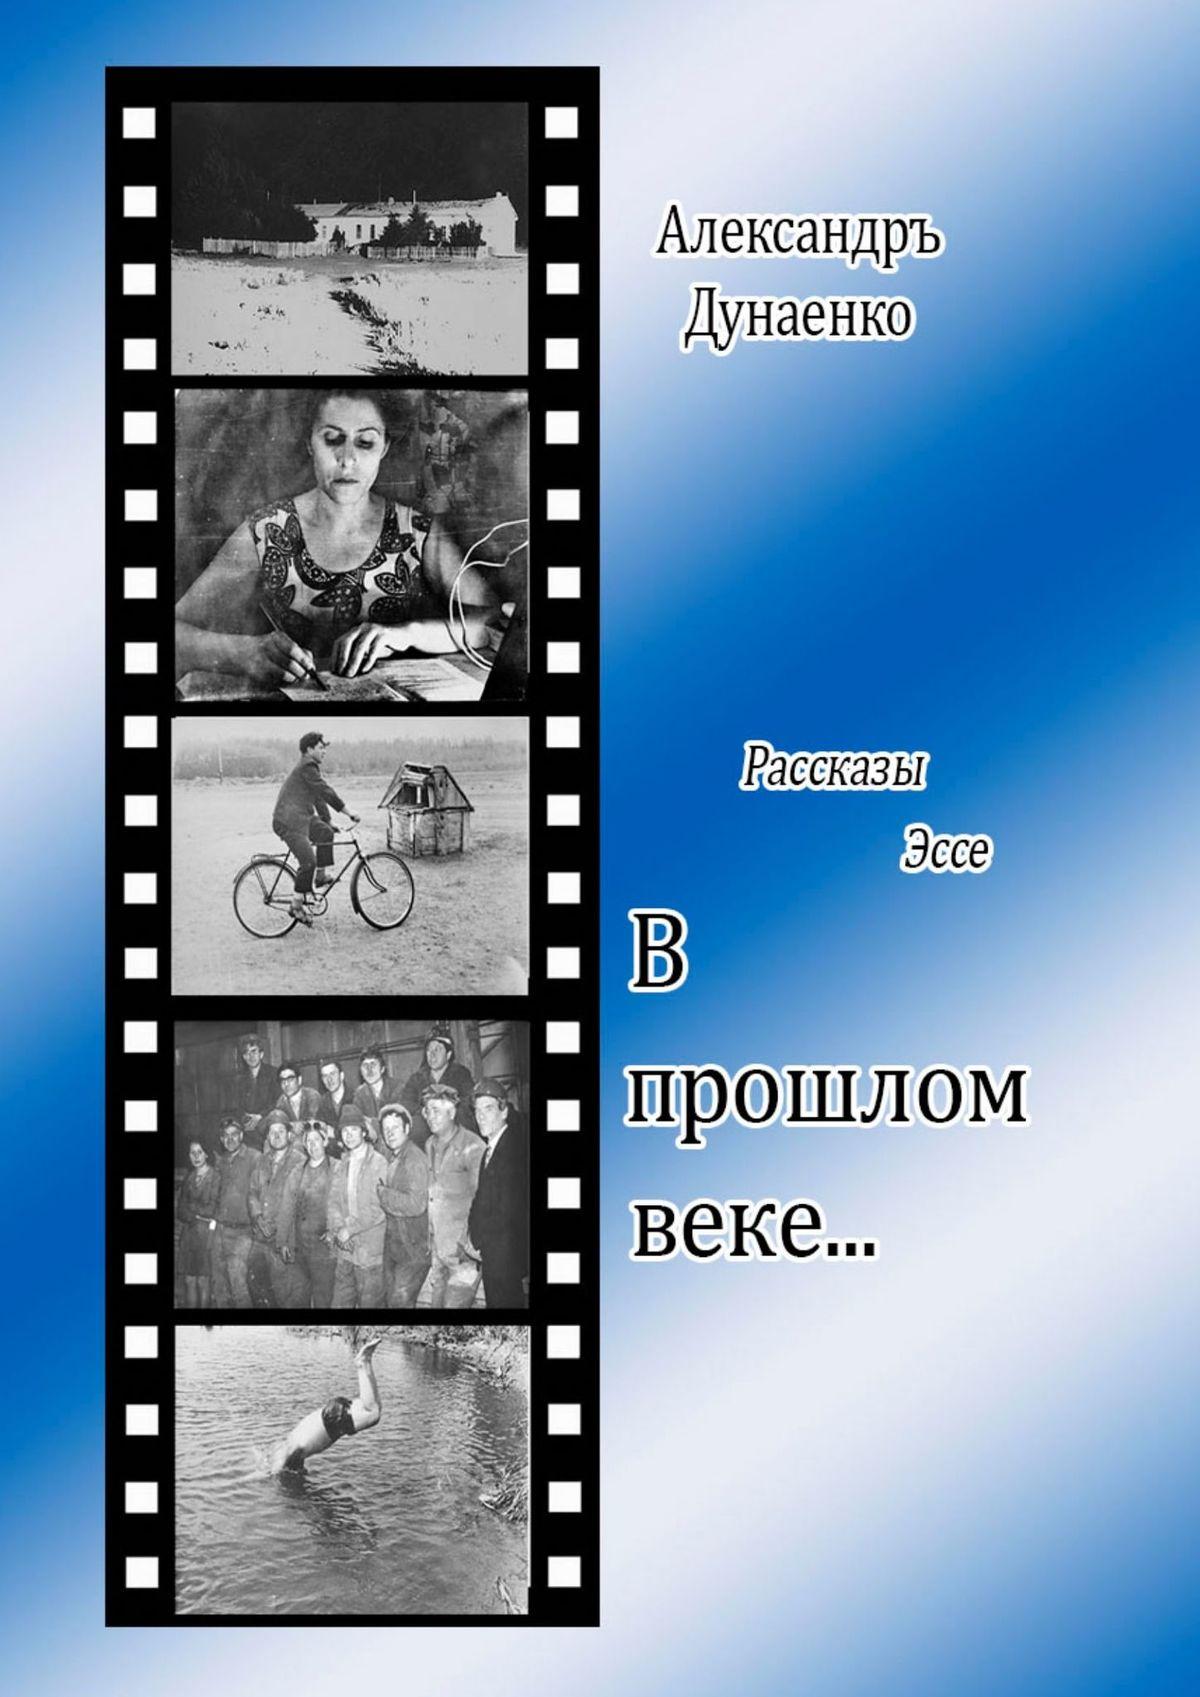 Александръ Дунаенко Впрошлом веке… Рассказы,эссе цены